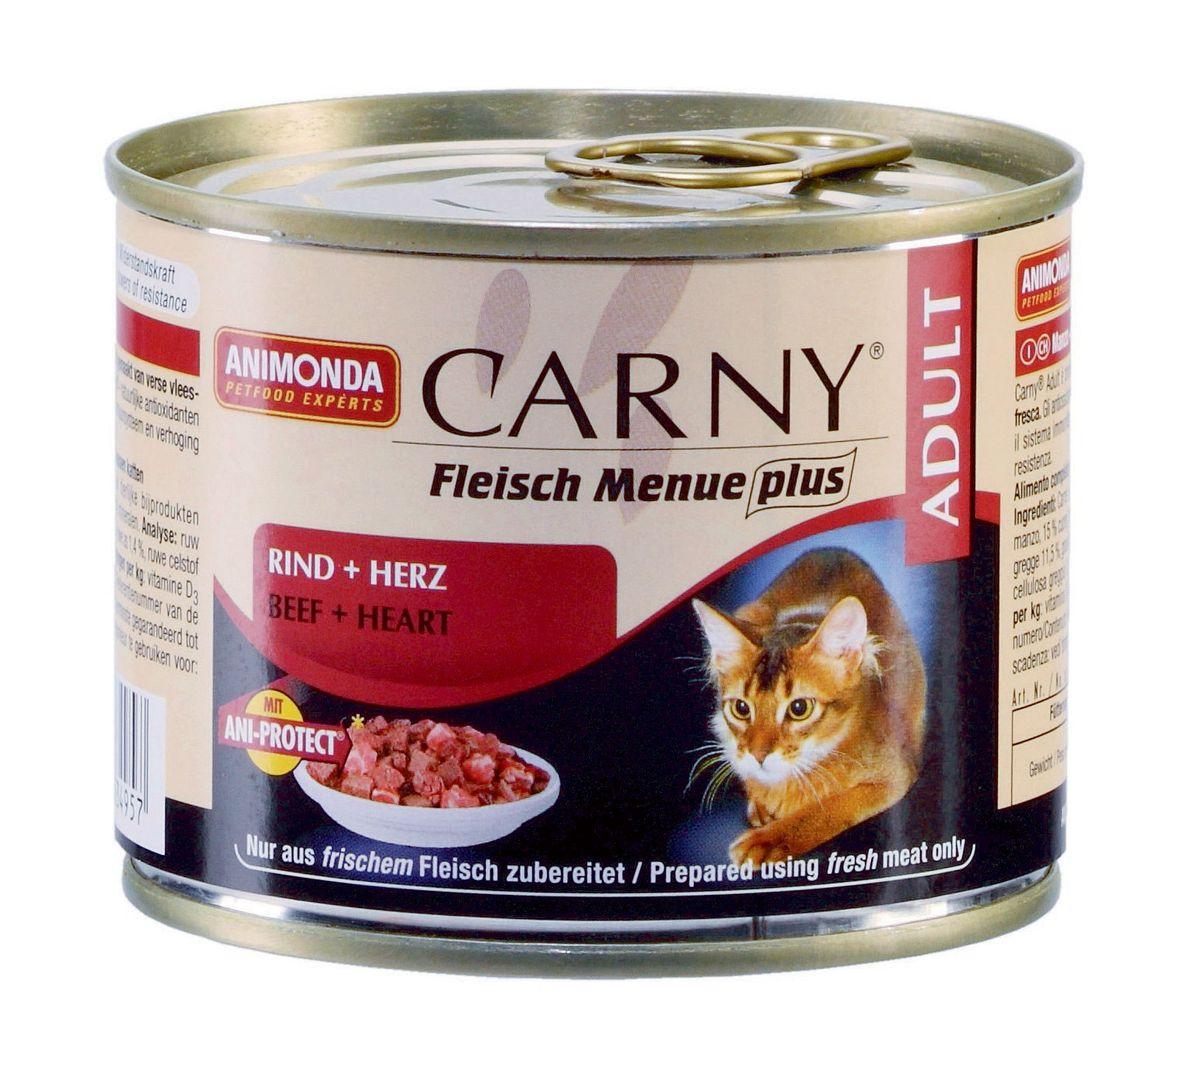 Консервы Animonda Carny для взрослых кошек, с говядиной и сердцем, 200 г101246Кошки большие любители мяса и не обманывают себя, когда речь идет о качестве. Свежие, нежные, сочные и вкусные консервы не требуют никаких дополнительных добавок или вспомогательных средств для улучшения внешнего вида и вкуса. Гарантировано отсутствие в составе продукта сои, искусственных красителей, консервантов и генетически модифицированного сырья. Корм имеет естественный, подлинный и типичный вкус мяса. Все ингредиенты, используемые при производстве, объявлены полностью открытыми и соответствуют описанию. Консервы Animonda Carny подвергаются дополнительной обработке для придания волокнам мяса более мягкой структуры. Специально разработан для удовлетворения потребностей кошек старше 7 лет.Состав: говядина 53% (говядина, печень, легкие, почки, вымя), бульон 31%, сердце 15%, карбонат кальция.Анализ: белок 11,5%, жир 5%, клетчатка 0,3%, зола 1,4%, влажность 79%.Добавки (на 1 кг продукта): витамин D3 250 МЕ, витамин Е (a-токоферол) 30 мг. Вес: 200 г.Товар сертифицирован.